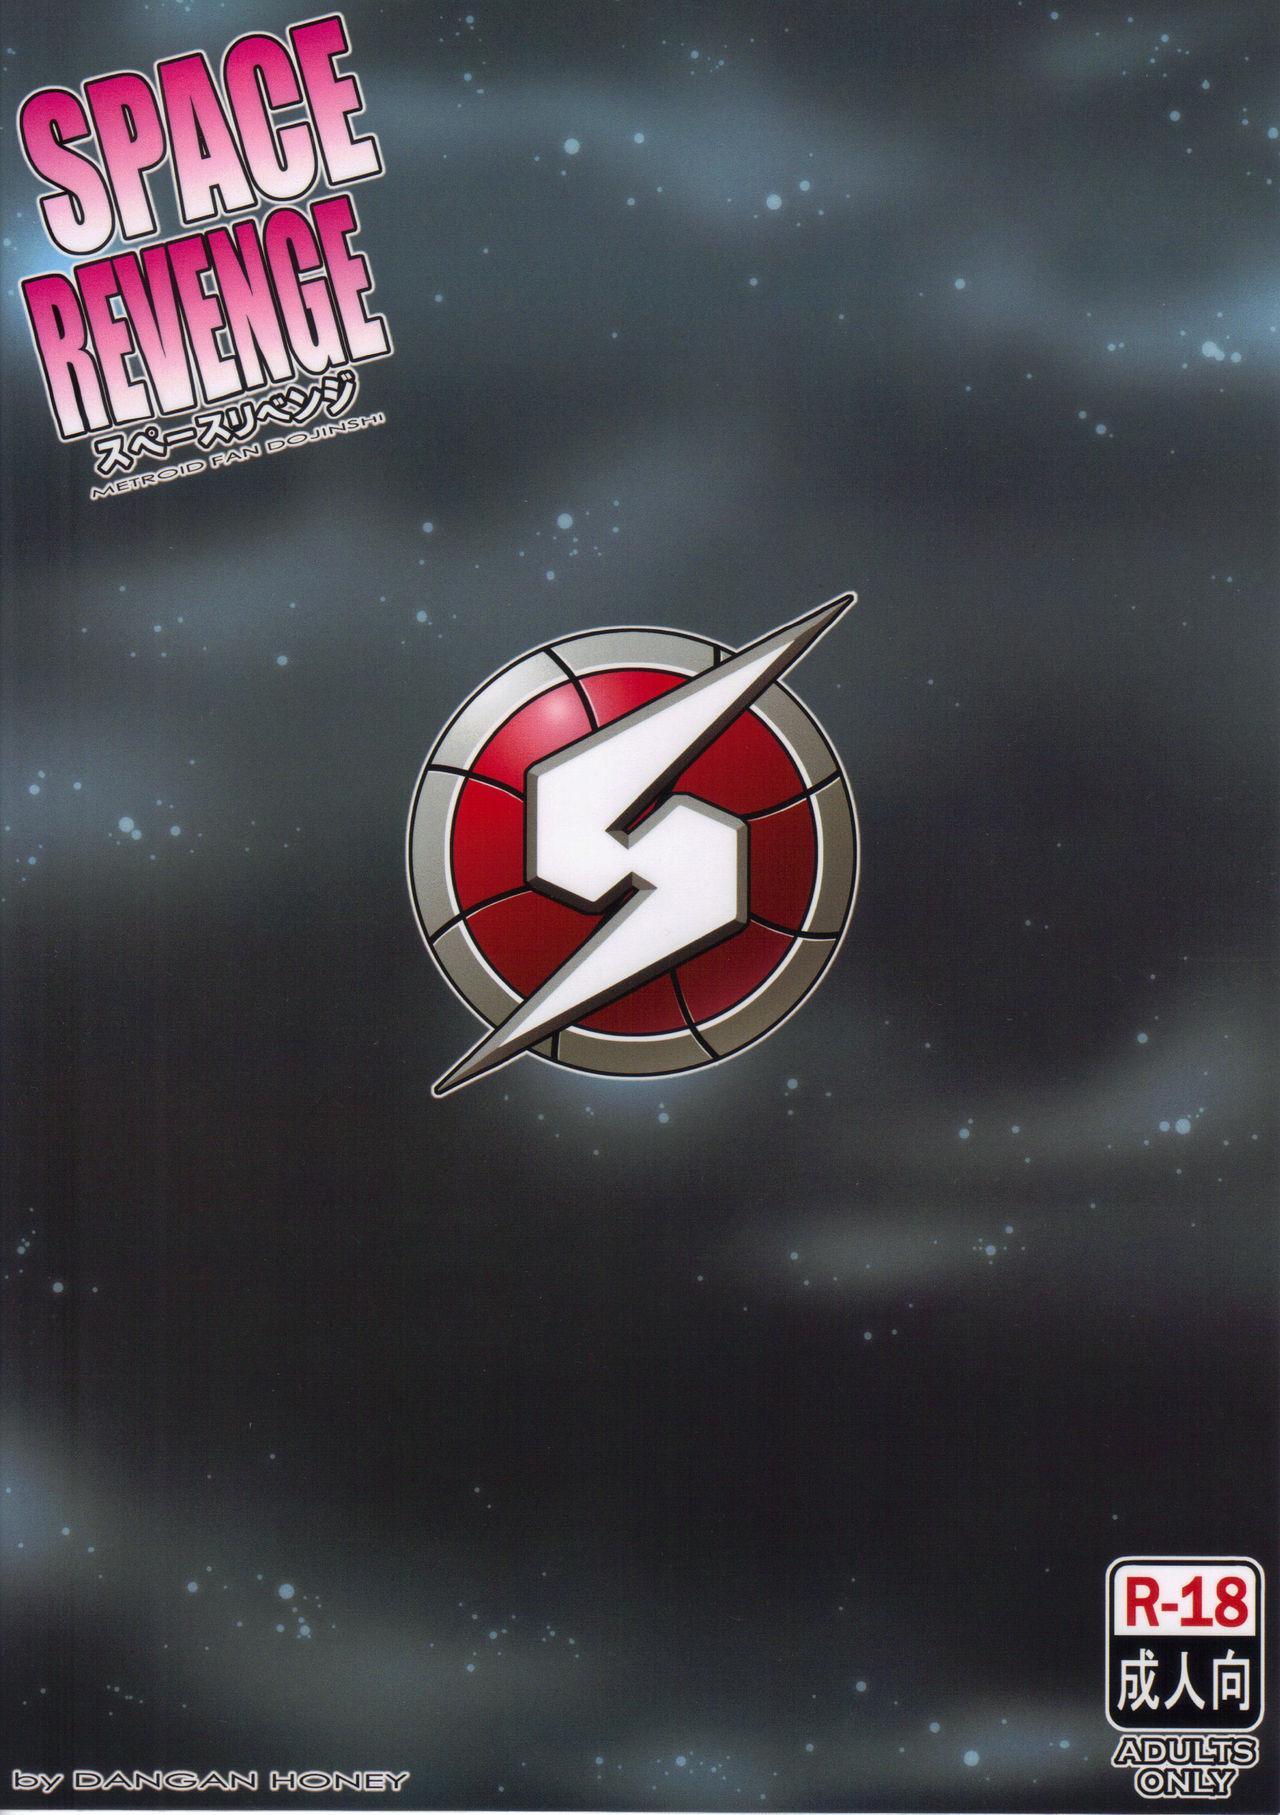 SPACE REVENGE 25